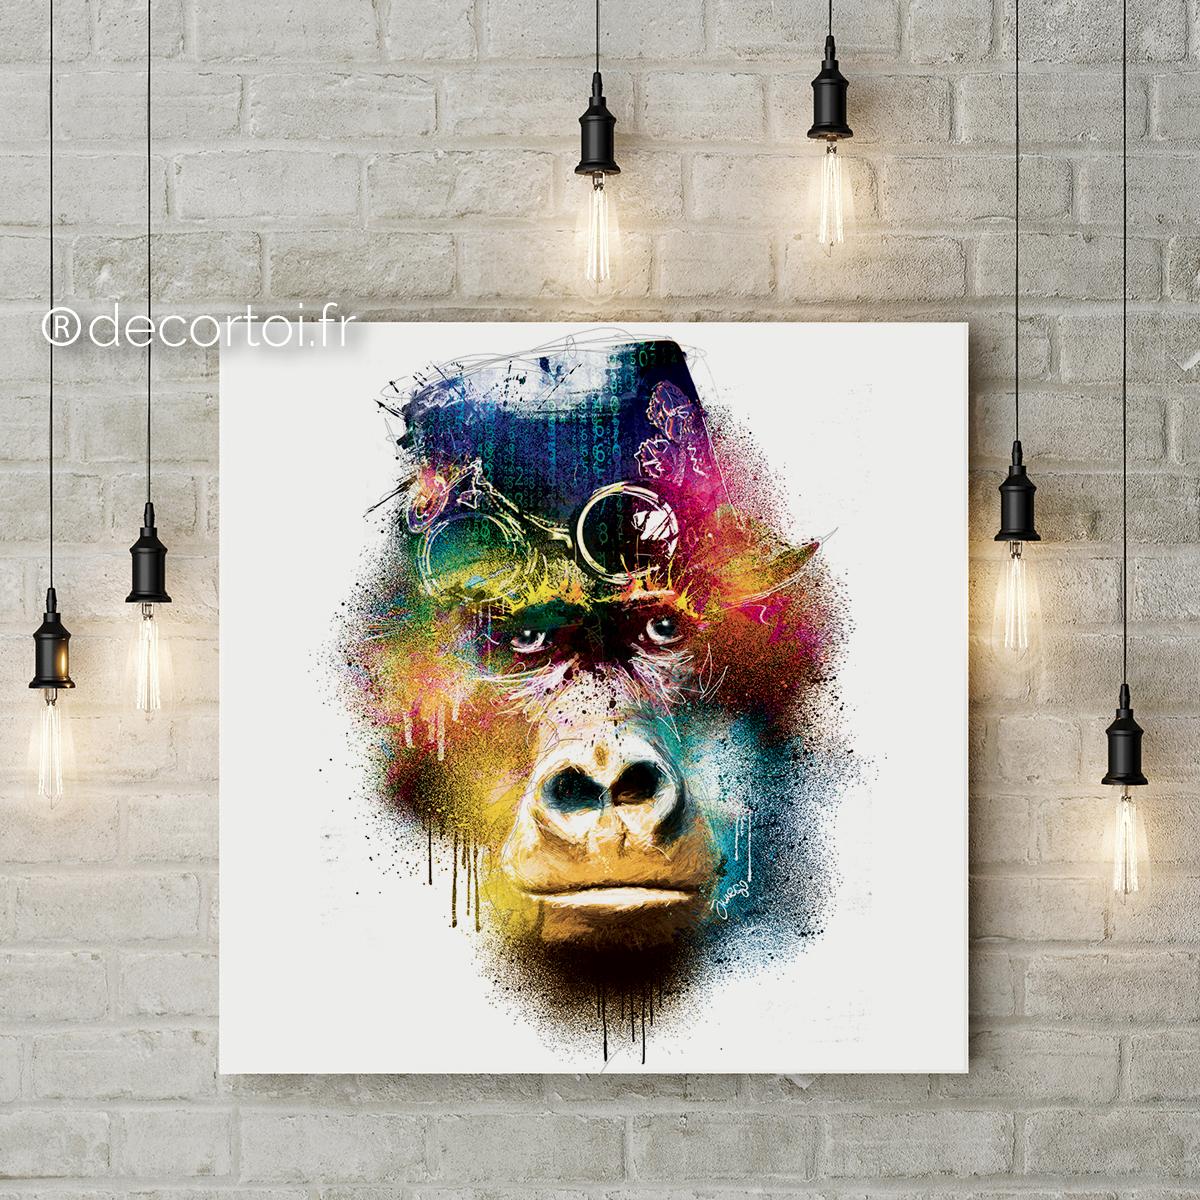 tableau gorille multicolor fond blanc achat de tableaux sur internet decortoi. Black Bedroom Furniture Sets. Home Design Ideas